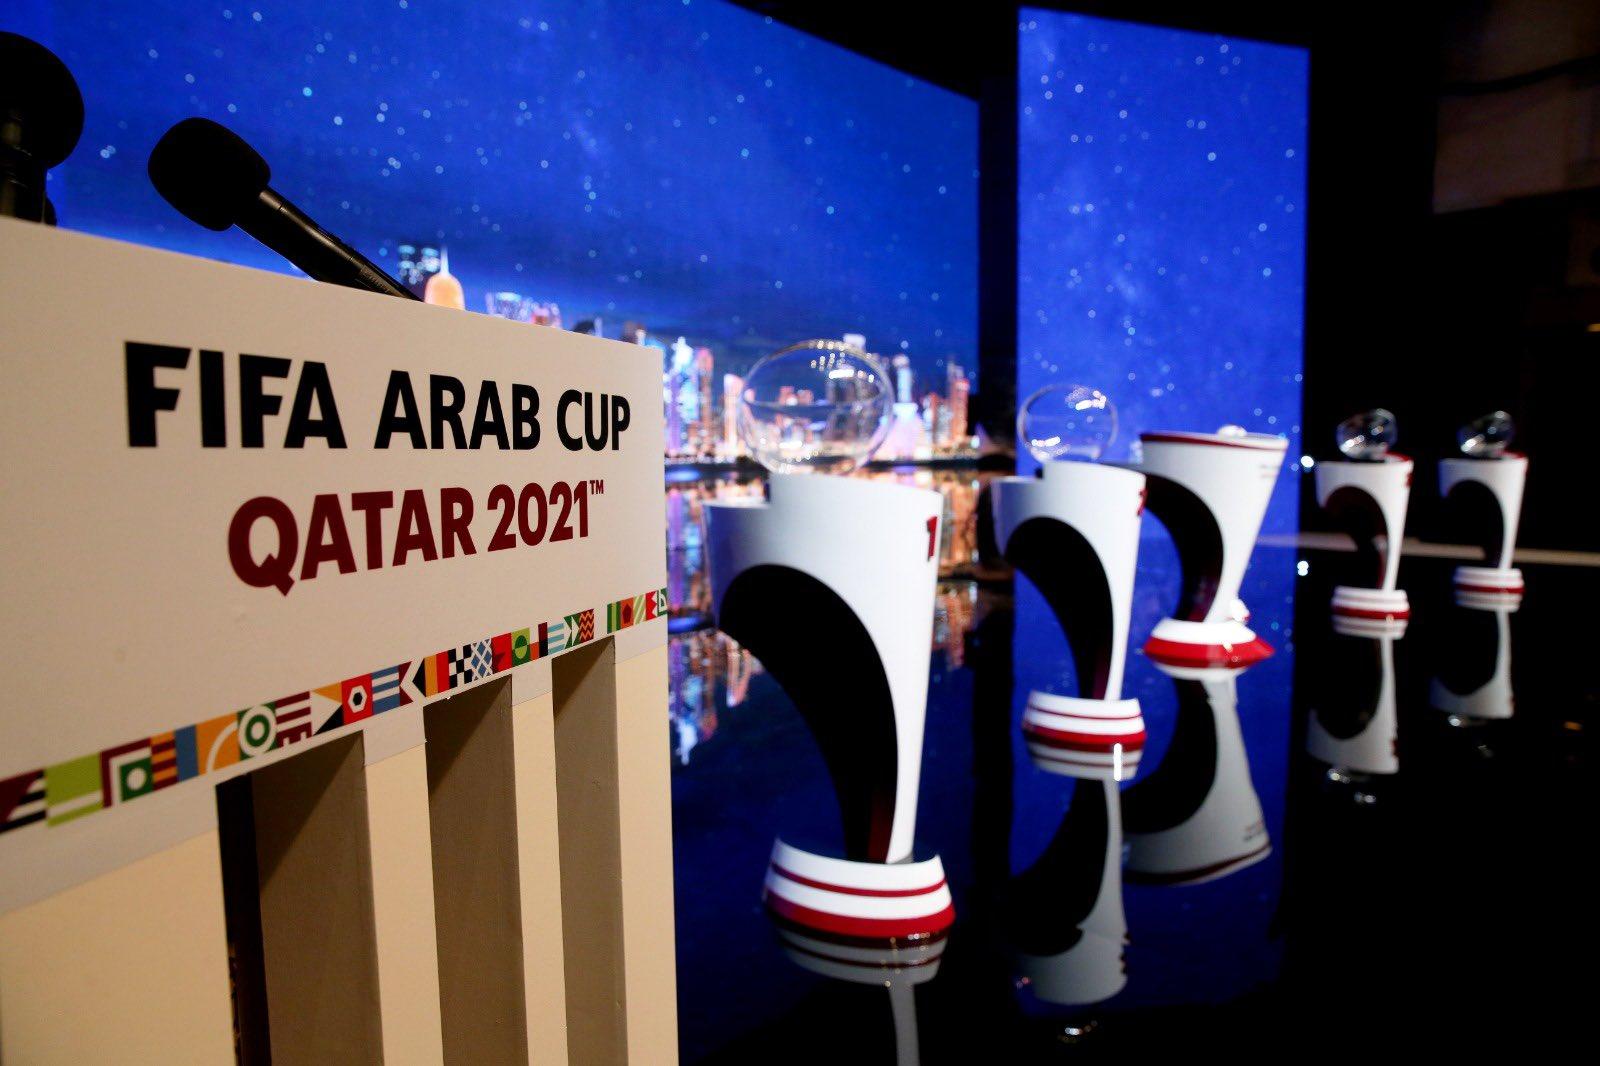 كأس العرب فيفا 2021،قطر2021, Coupe arabe, Coupe arabe de la FIFA 2021, qatar2021, كأس العرب ,قرعة كأس العرب فيفا2021, Maroc, المنتخب الوطني